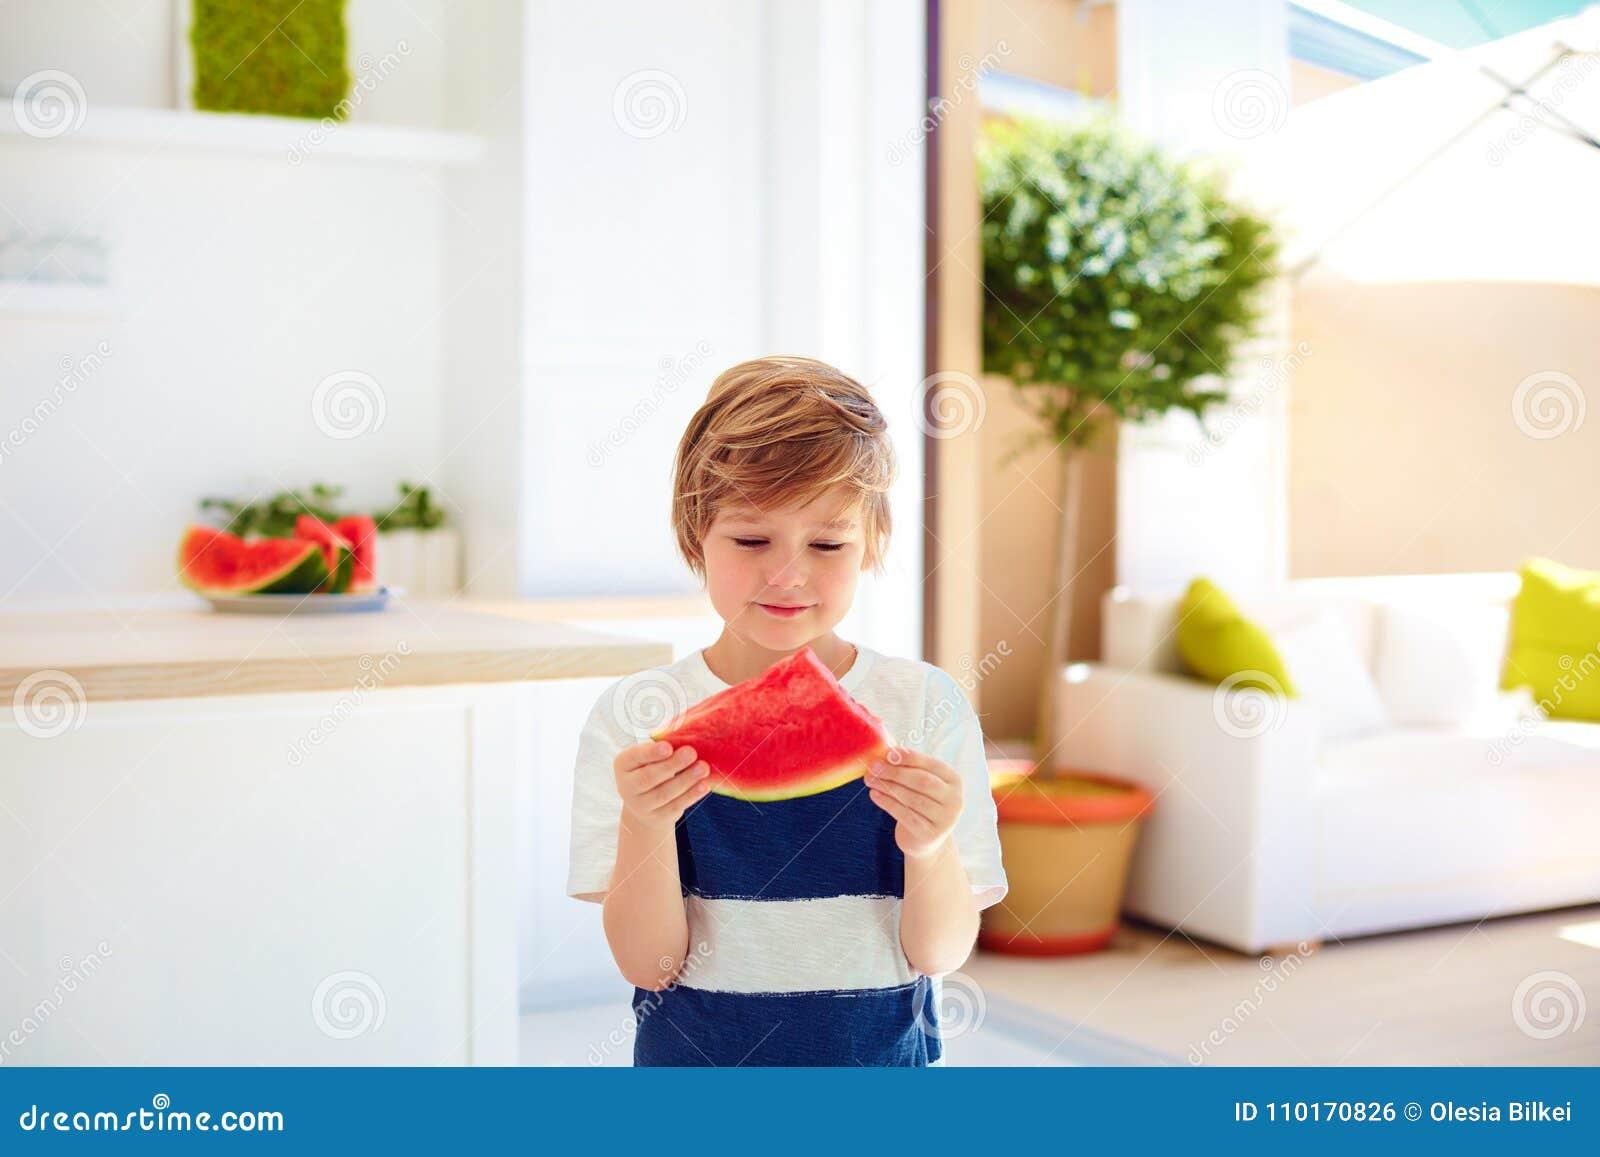 Śliczna młoda chłopiec, dzieciak je kawałek dojrzała arbuz kuchnia w domu